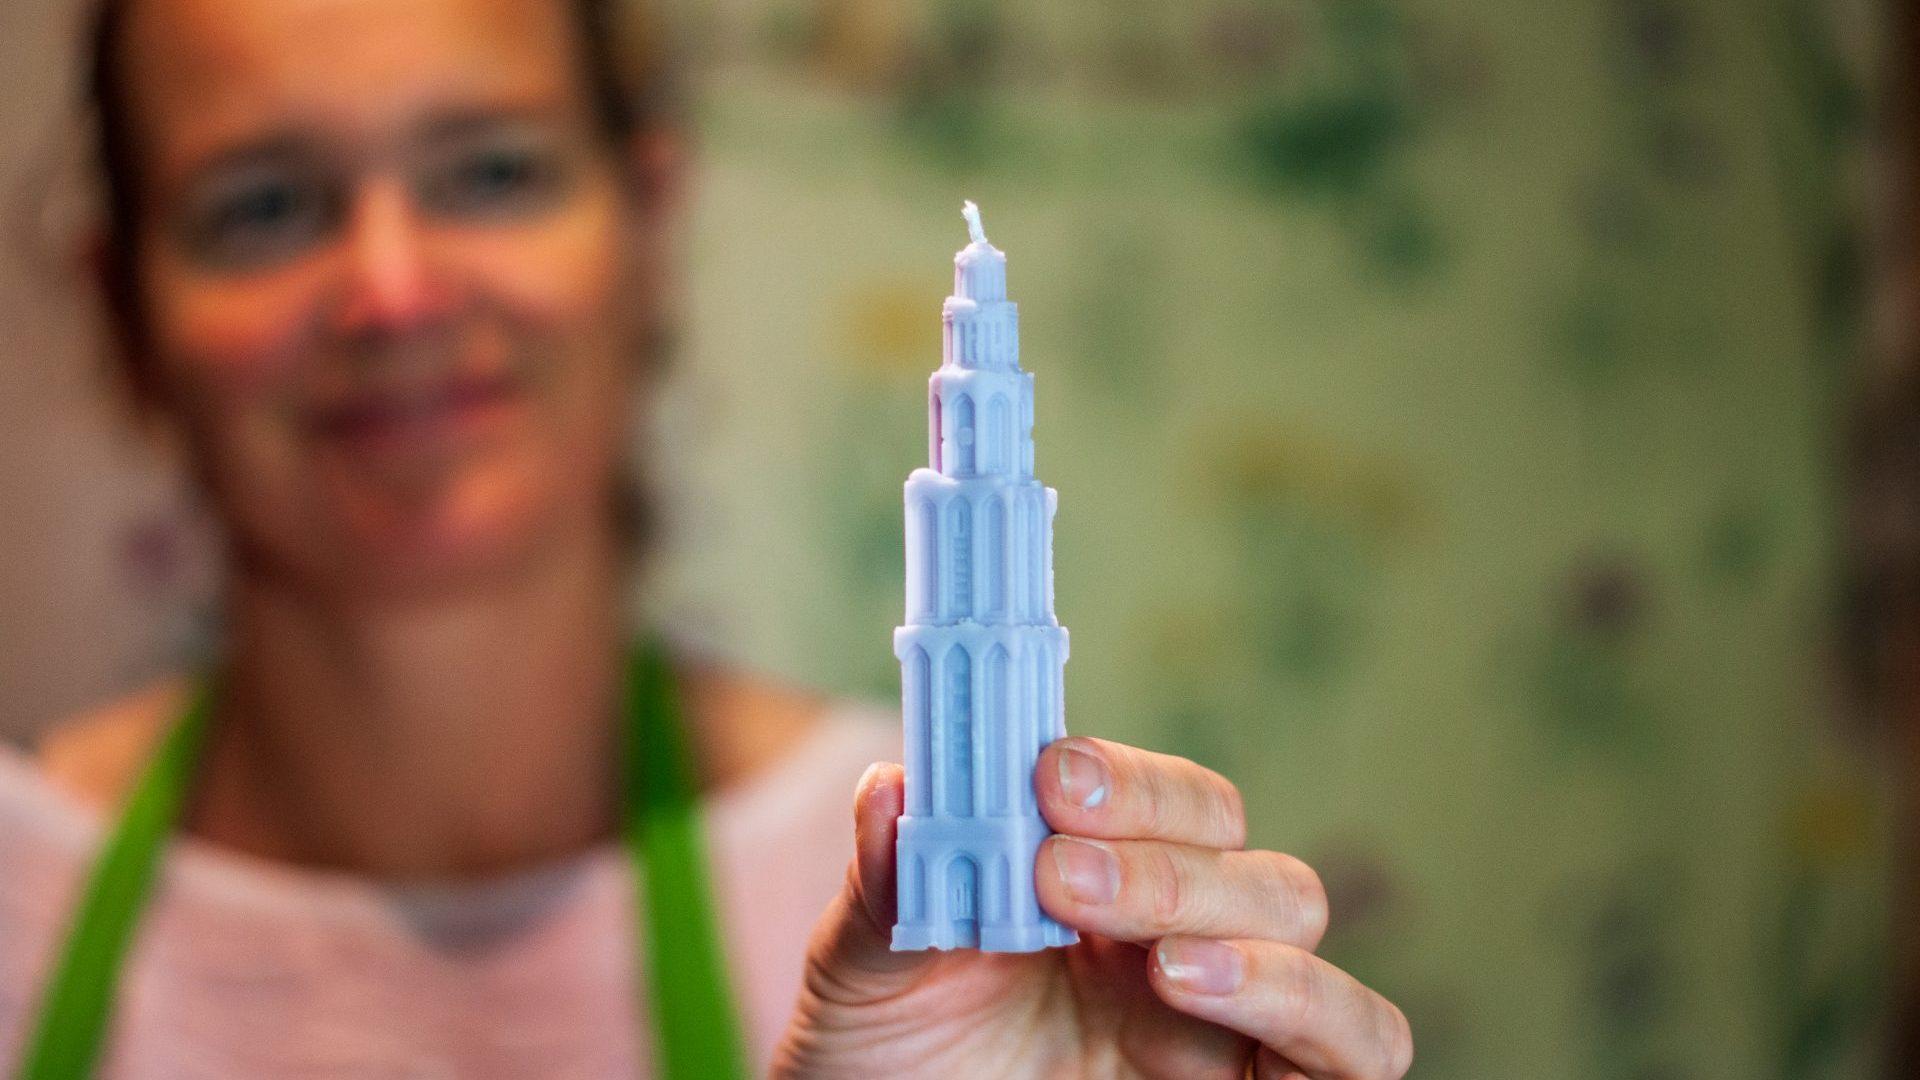 Wil je ook zien hoe wij deze kaarsen maken en op de hoogte blijven van alle aanbiedingen en ontwikkelingen?